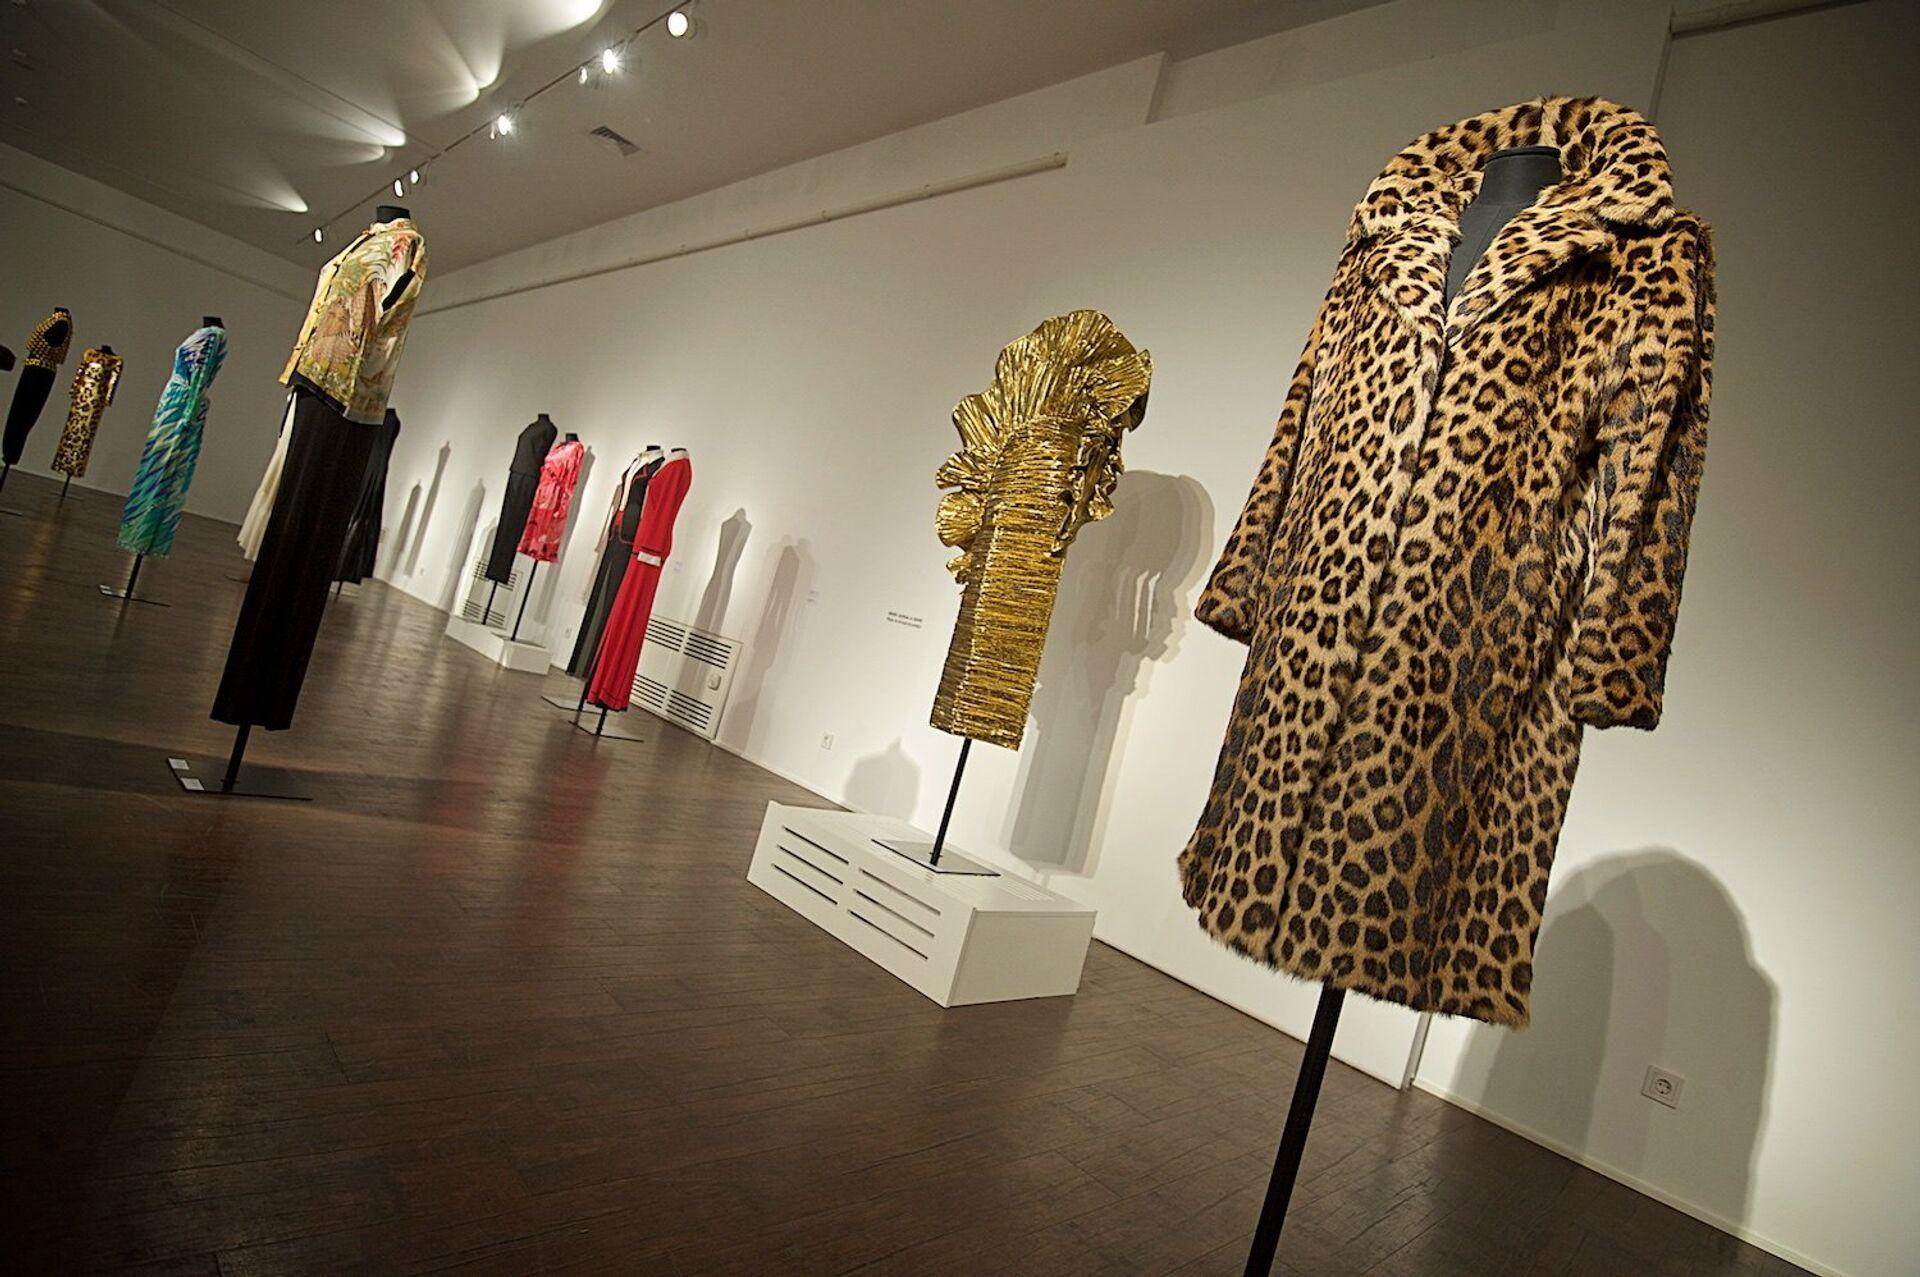 Выставка 60 лет истории итальянской моды - справа на первом плане шуба из леопарда для Софи Лорен - Sputnik Грузия, 1920, 29.09.2021